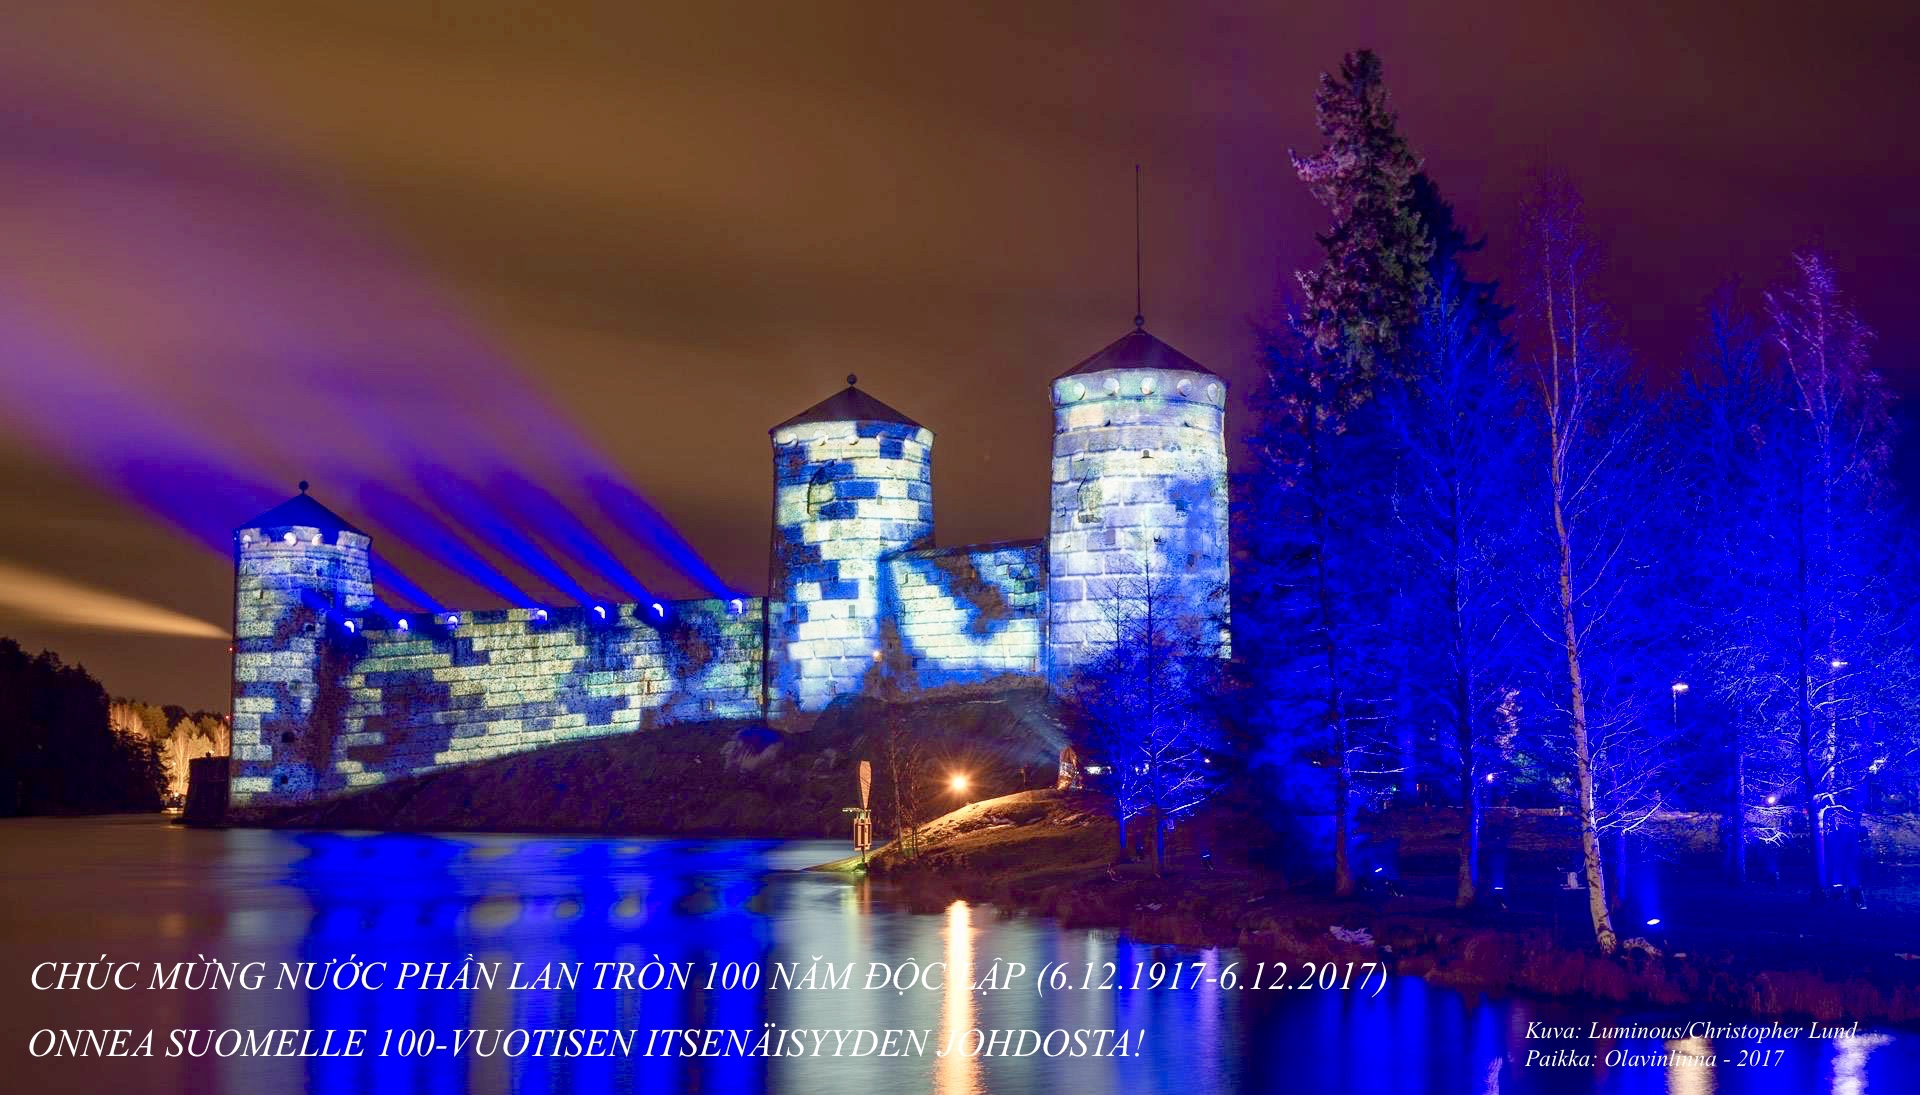 Phần Lan 100 năm độc lập 6.12.1917 – 6.12.2017 đã đạt đỉnh cao trong buổi trình diễn pháo hoa vào buổi tối 6.12.2017!